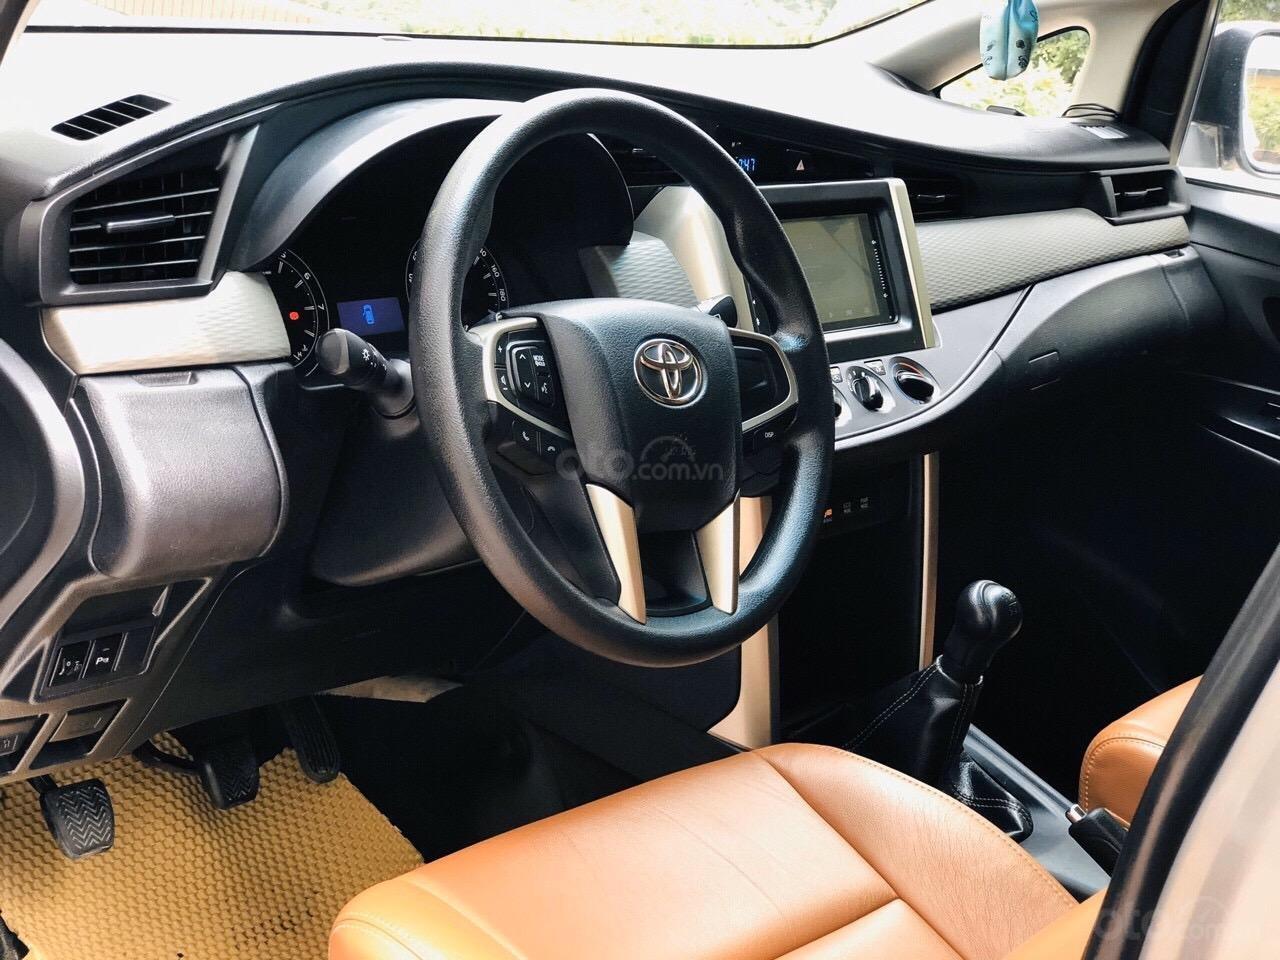 Cần bán xe Toyota Innova 2.0E năm sản xuất 2017, màu xám (ghi) (7)